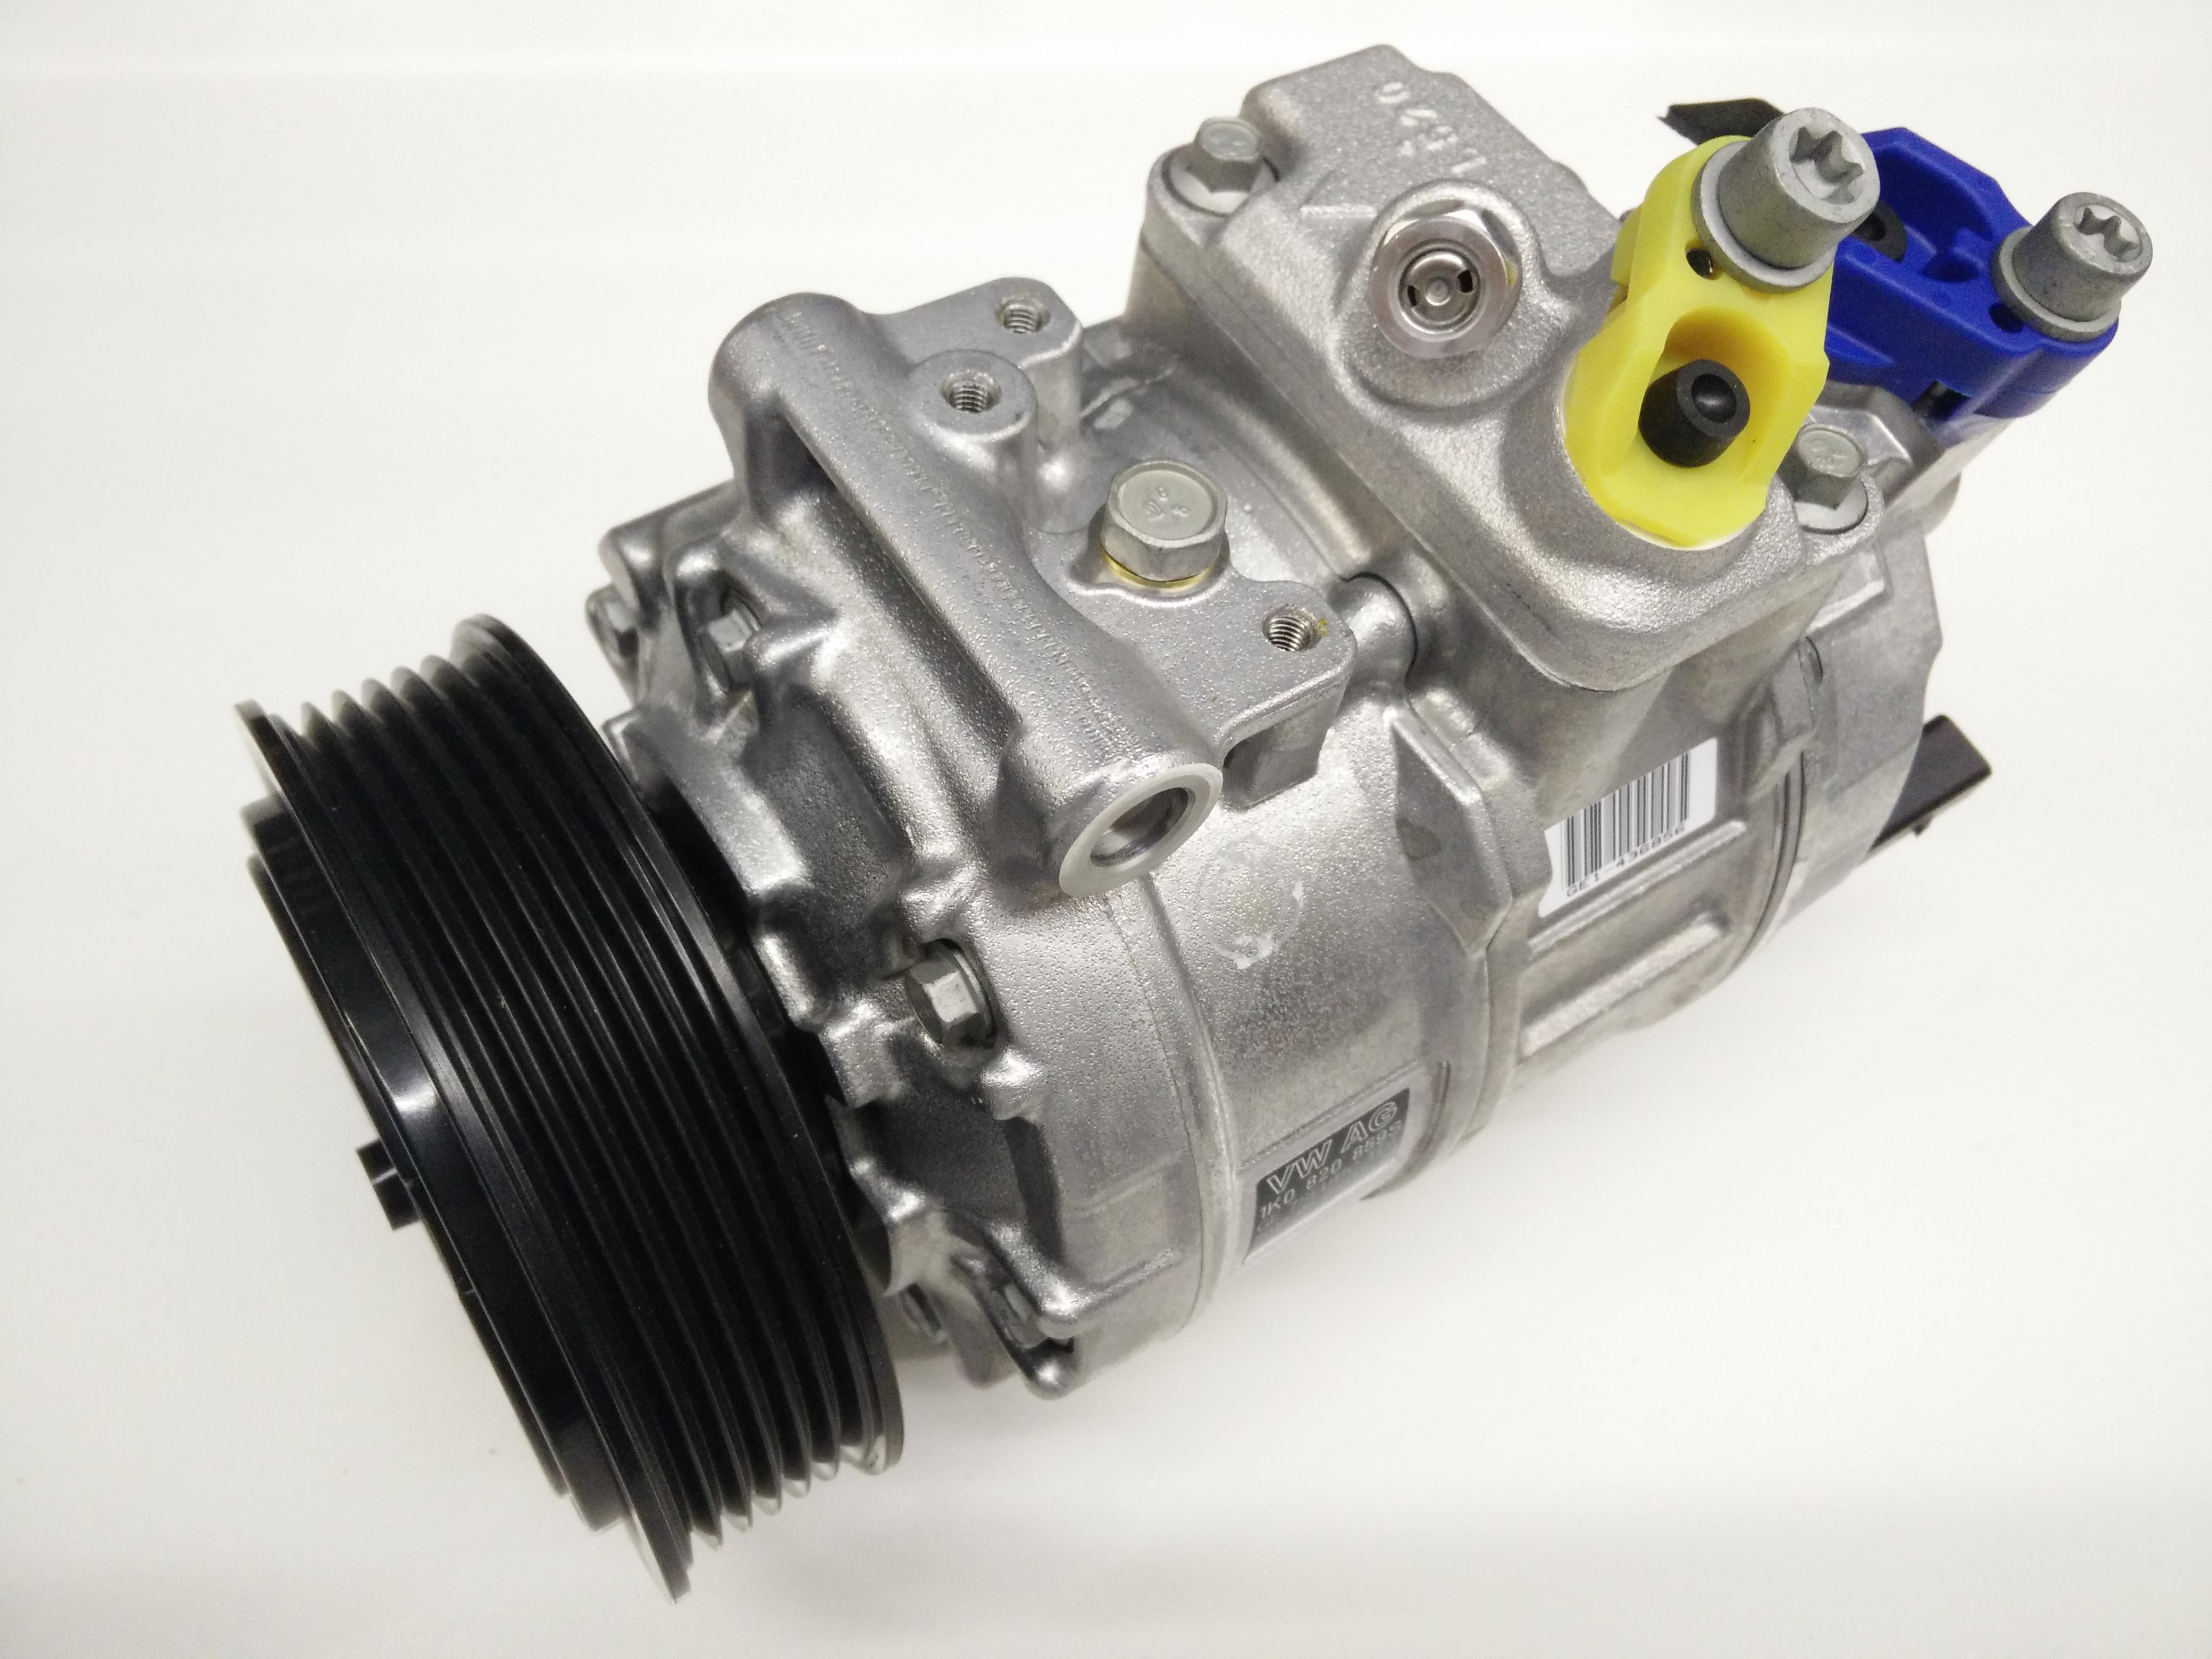 2015 Volkswagen Tiguan A/C Compressor. Compressor. Part # 1K0820859SX #A79424